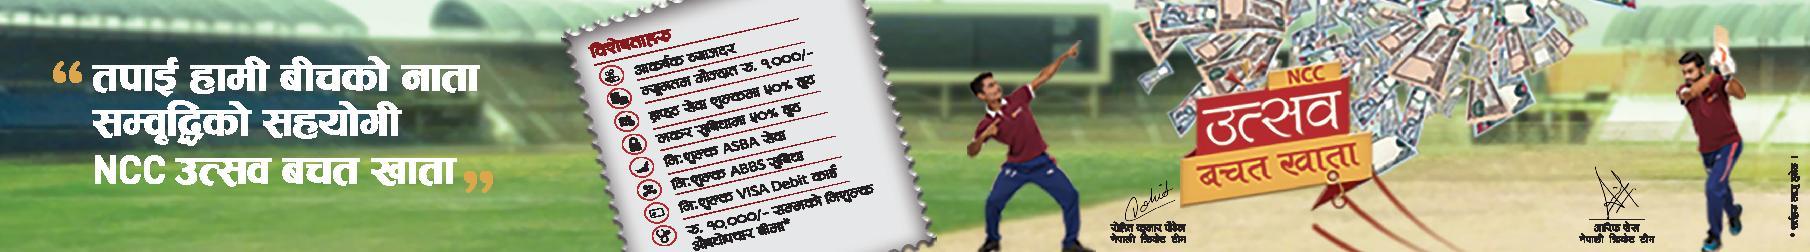 NCC Utasab Bachat Khata